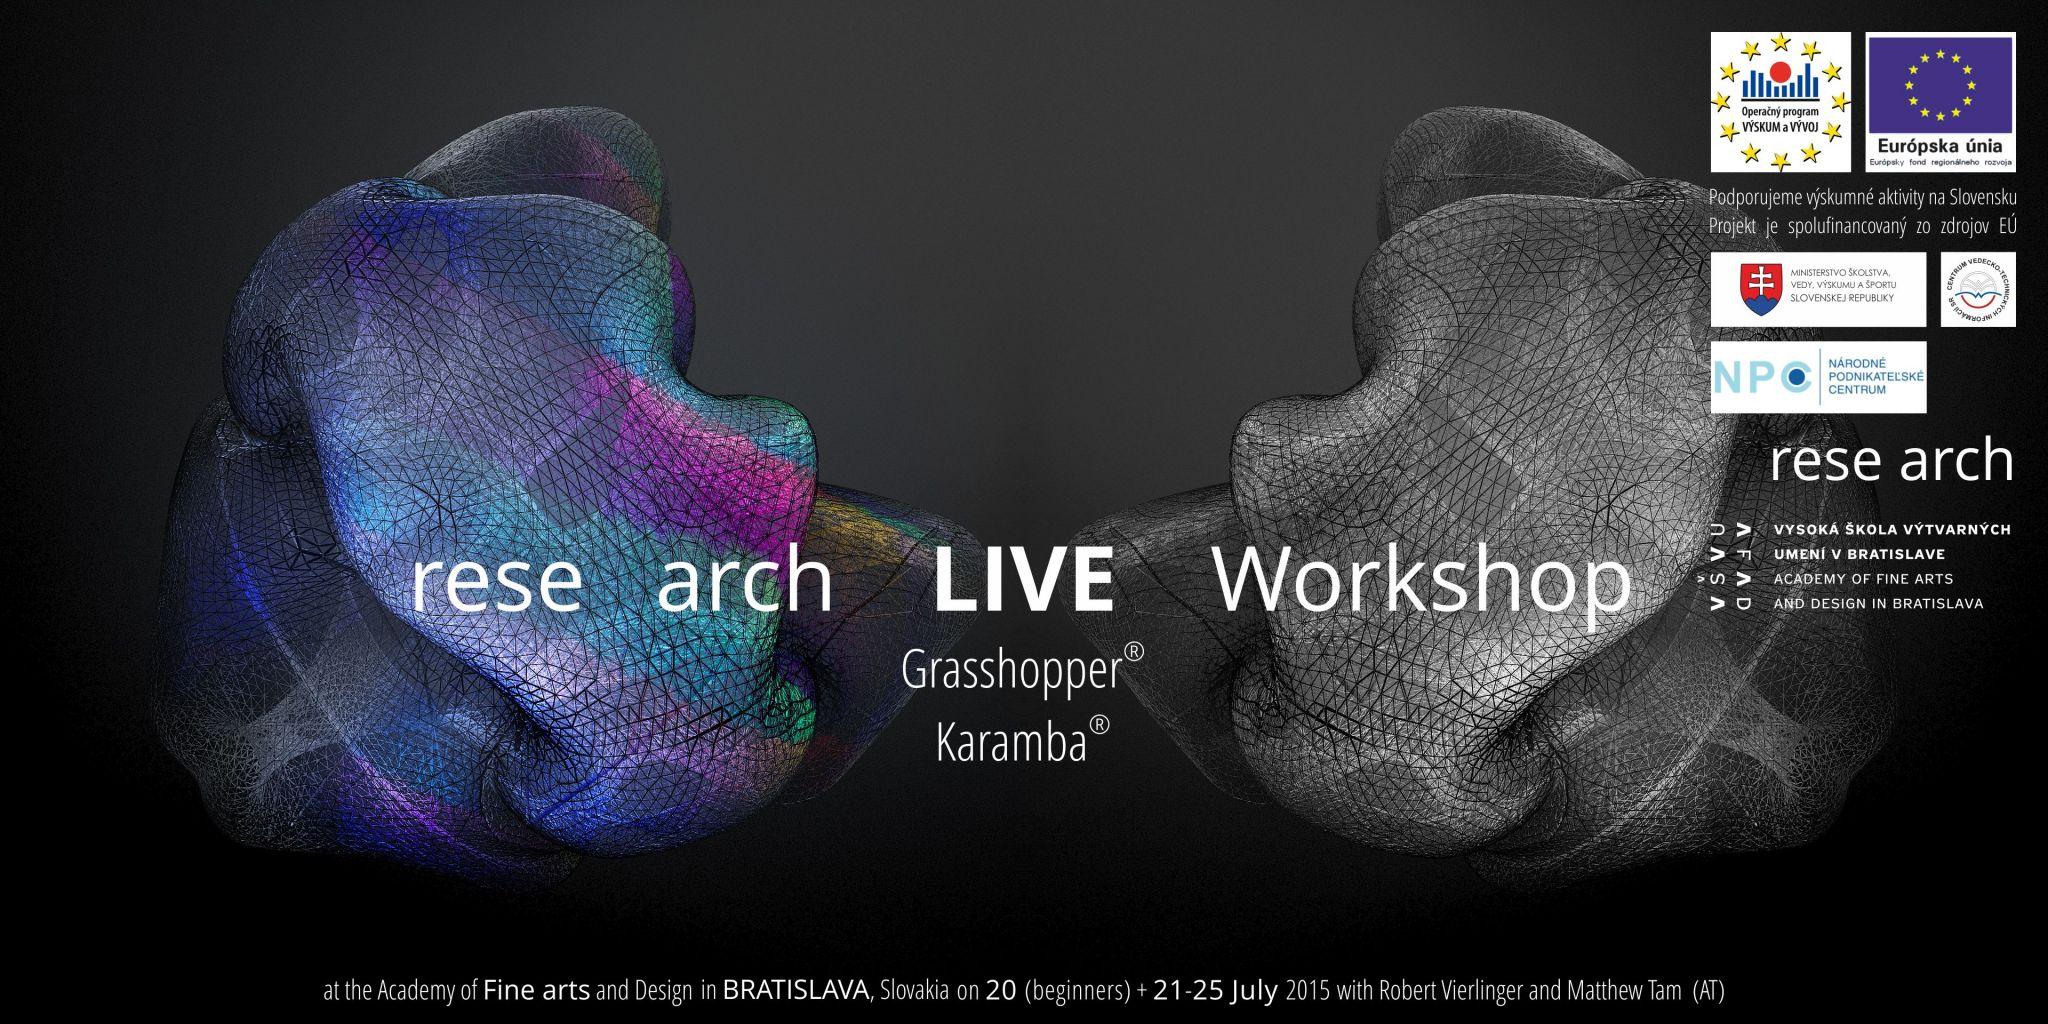 Medzinárodný workshop digitálneho dizajnu v Bratislave